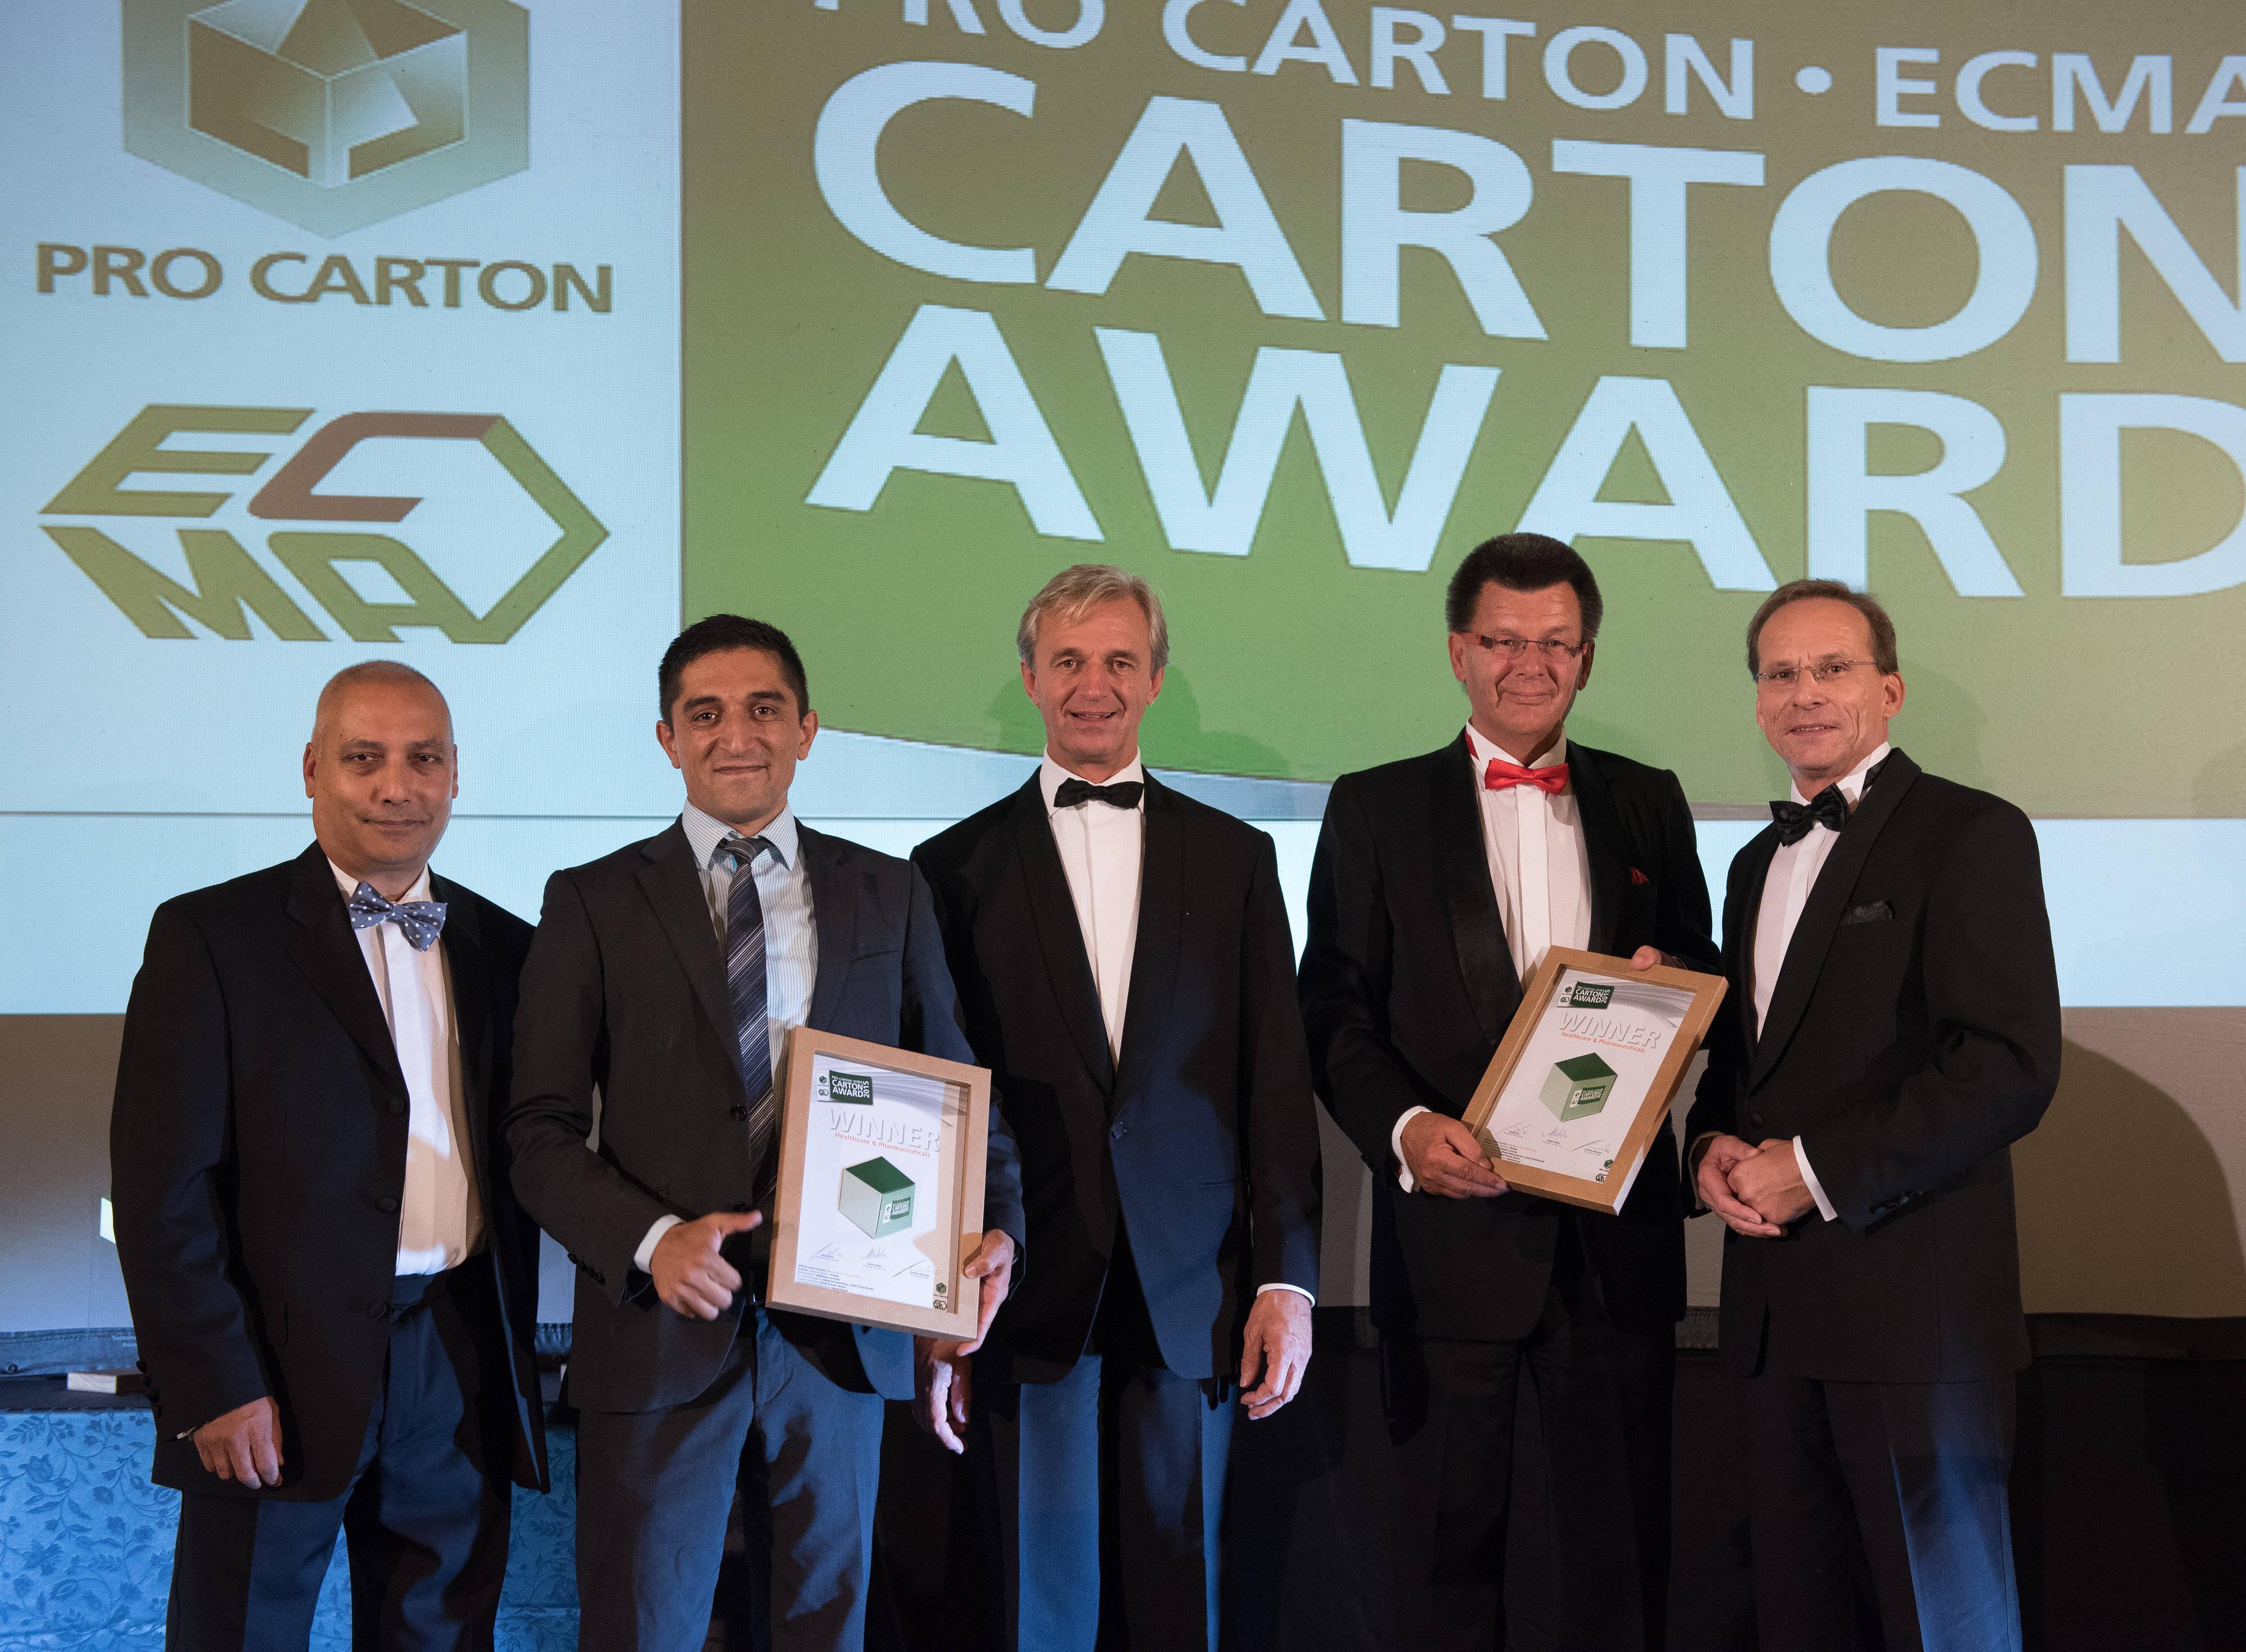 Pro Carton ECMA Award Gala 2015 36